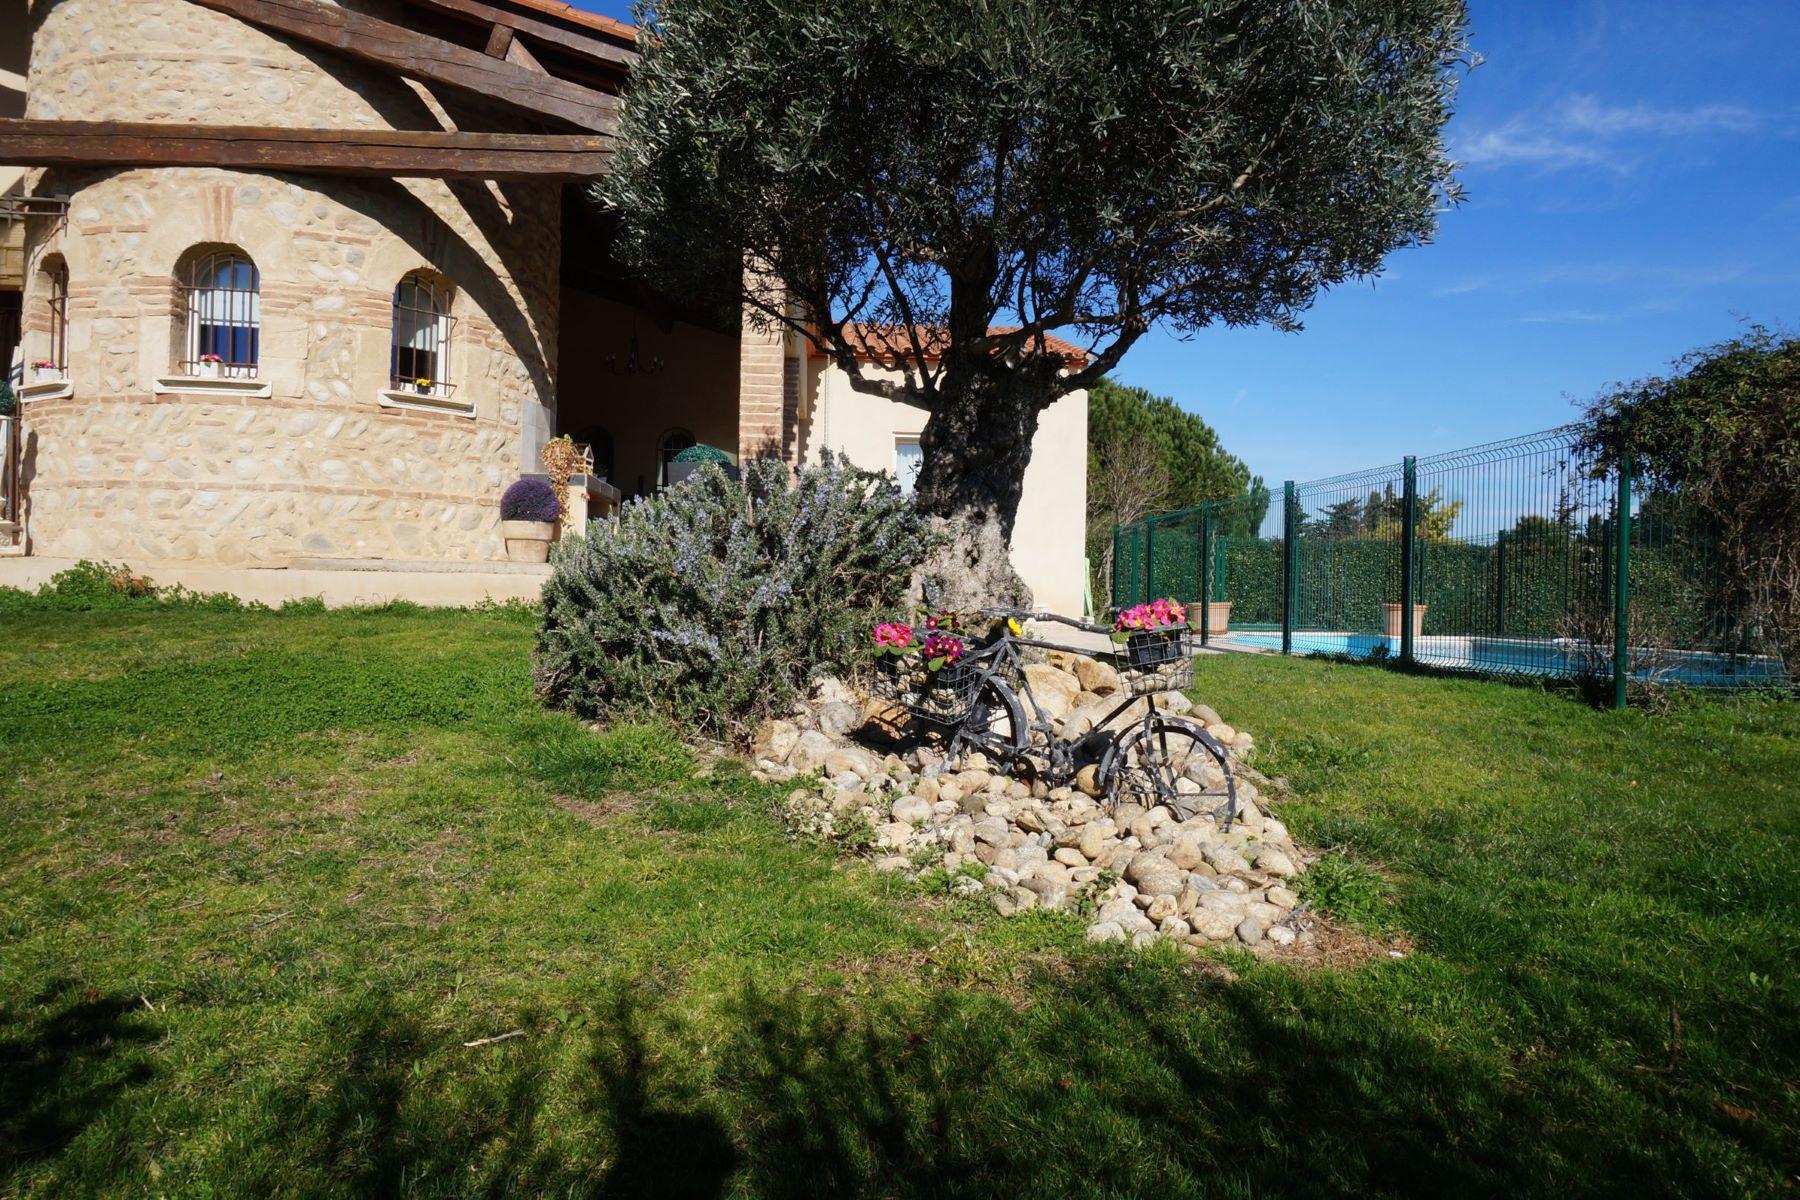 Maison unifamiliale pour l Vente à House Autres Languedoc-Roussillon, Languedoc-Roussillon, 66240 France